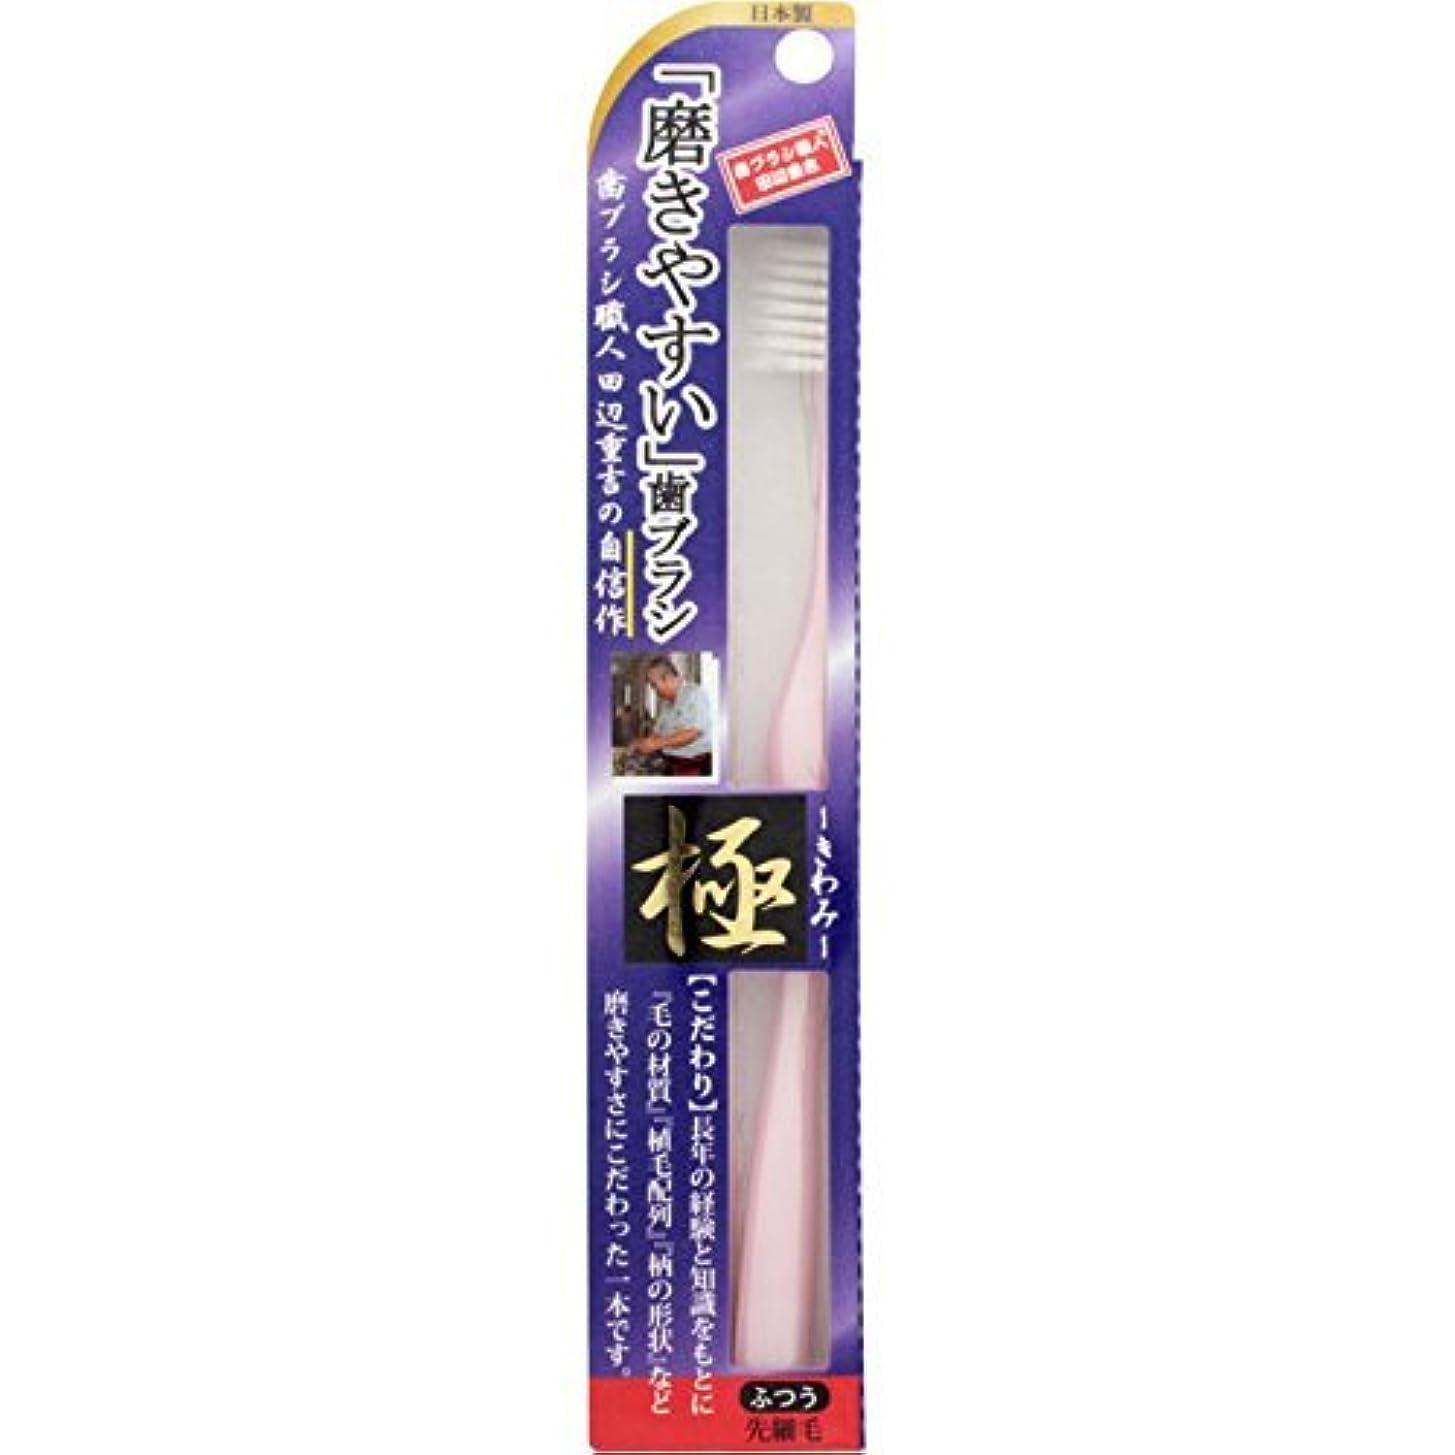 標高神話キャンパス【まとめ買い】磨きやすい歯ブラシ 極 LT22 ×3個